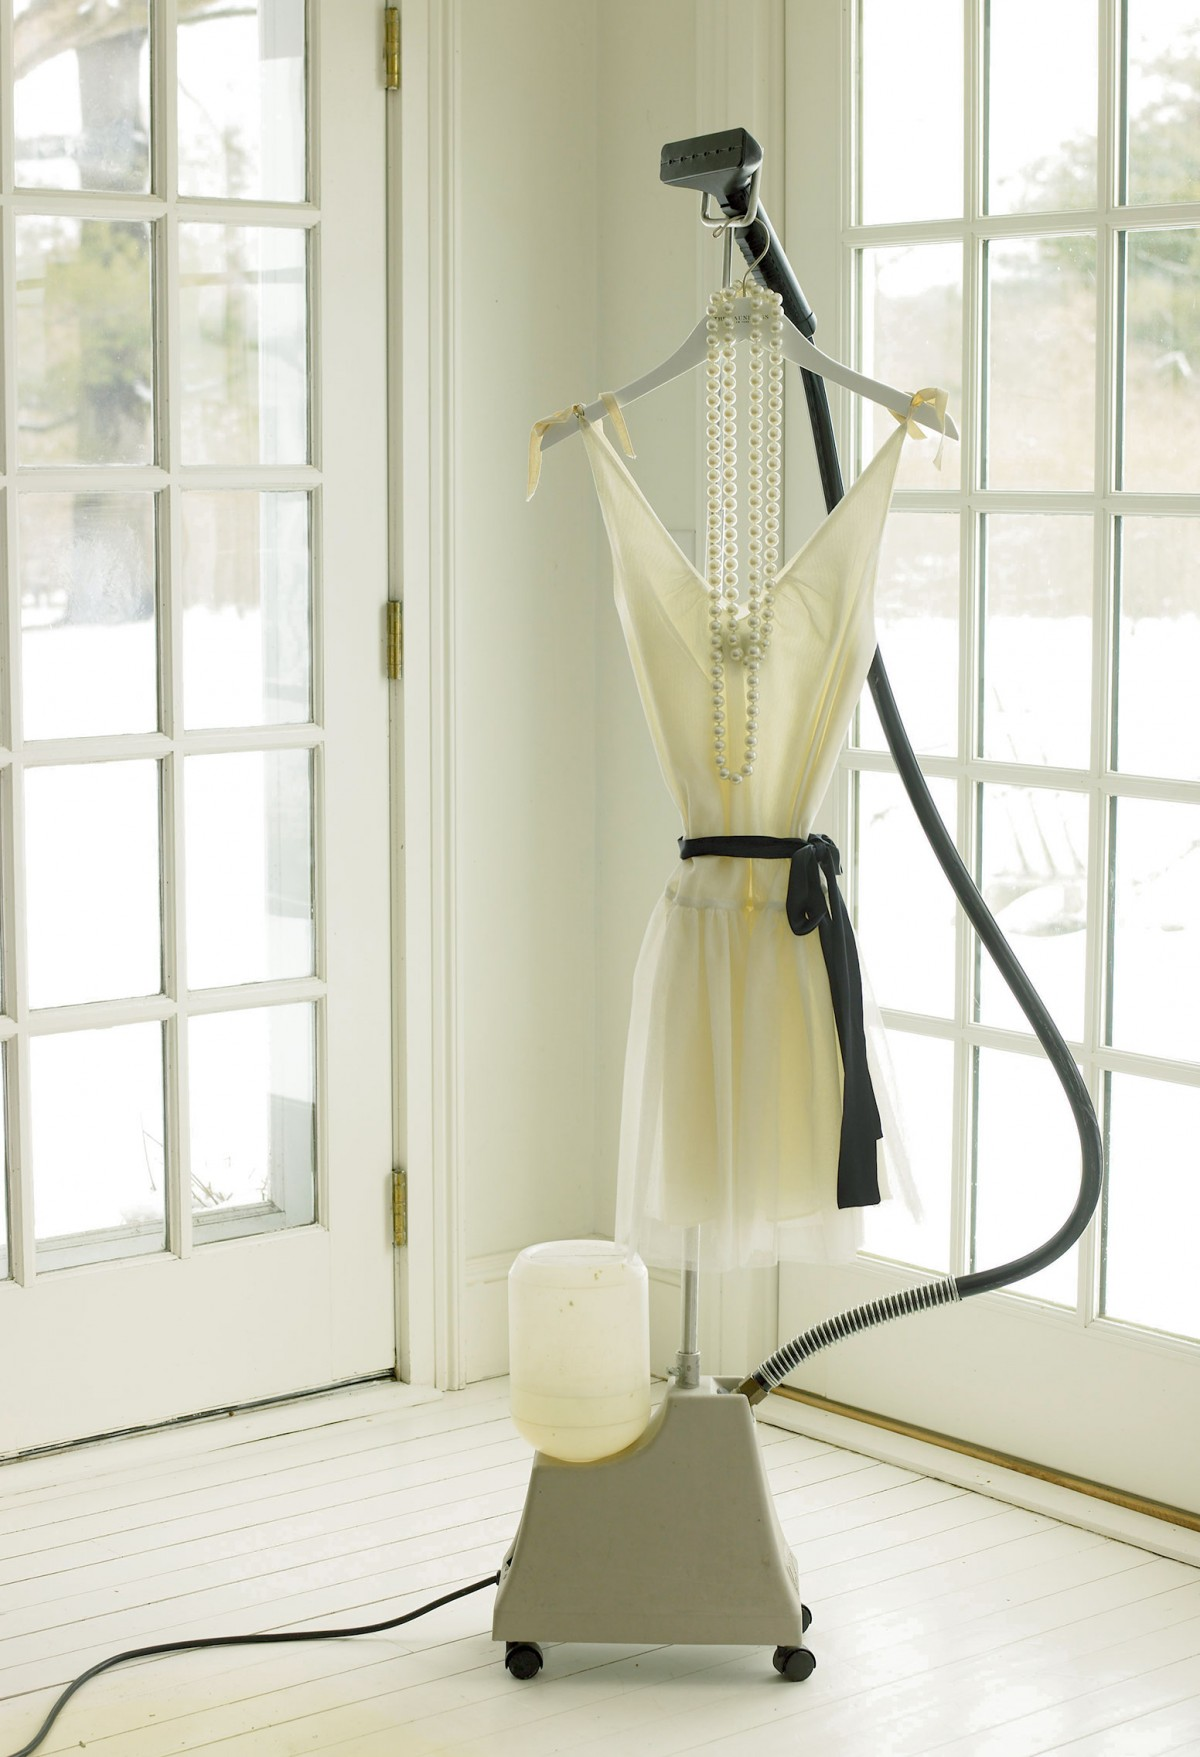 Cập nhật ngay bí quyết bảo quản quần áo từ chất liệu khó nhằn - Hình 9